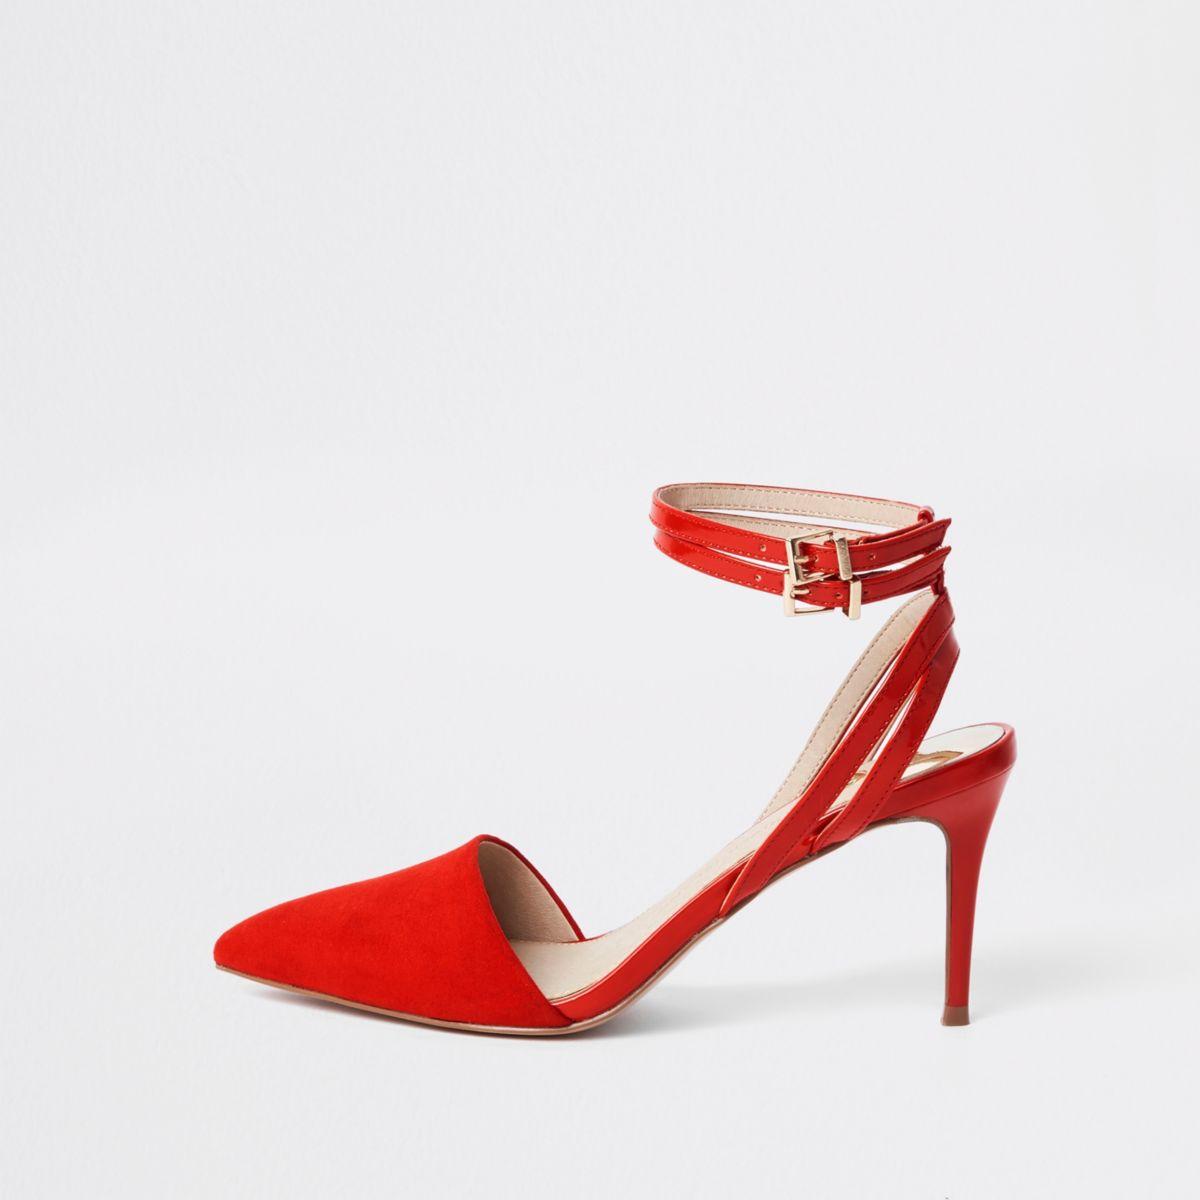 Red double buckle mid heel pumps